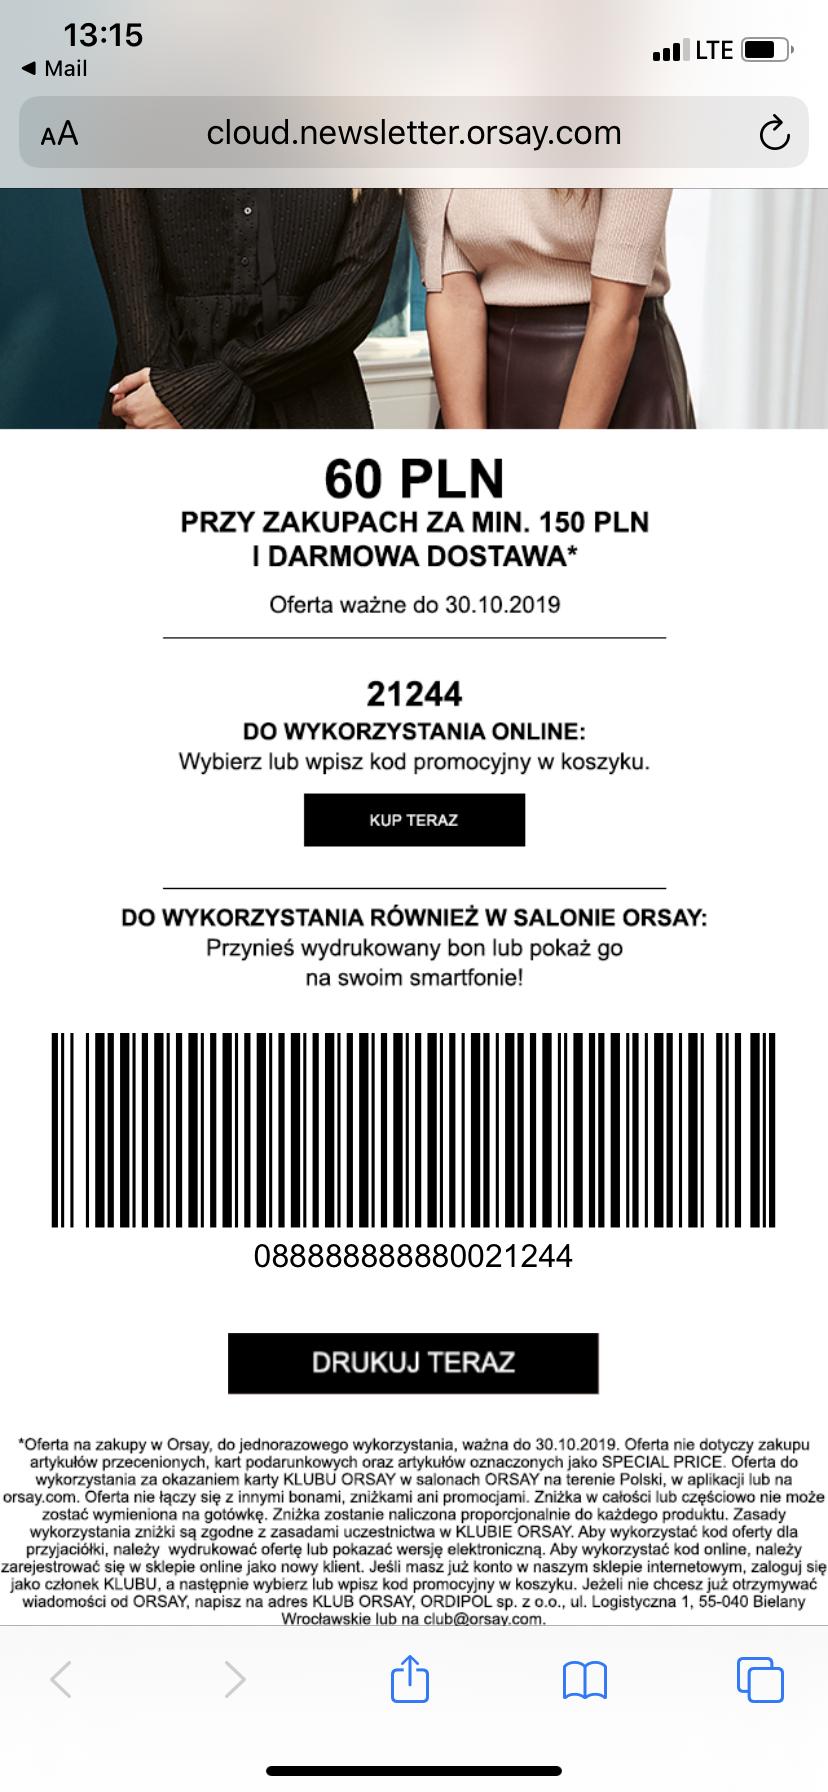 3079287-dYnZF.jpg